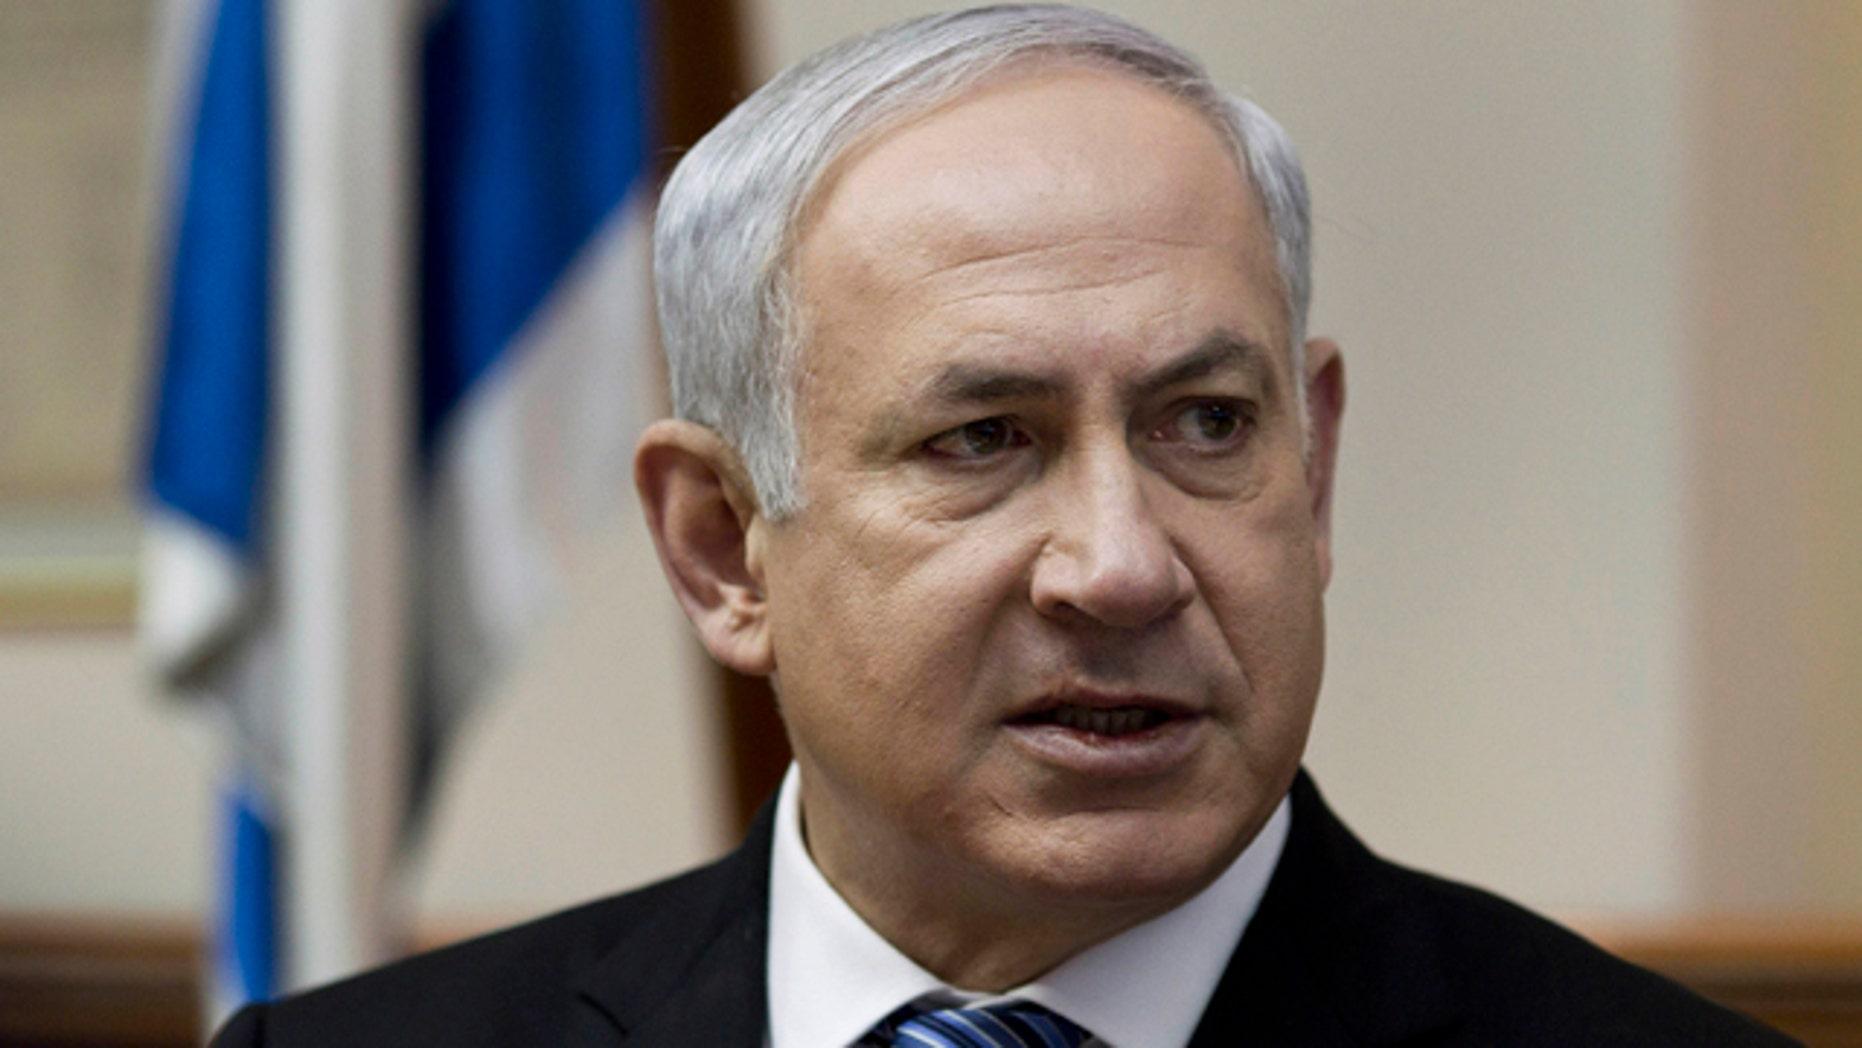 Feb. 27: Israeli Prime Minister Benjamin Netanyahu speaks as he chairs the weekly cabinet meeting in his Jerusalem office.